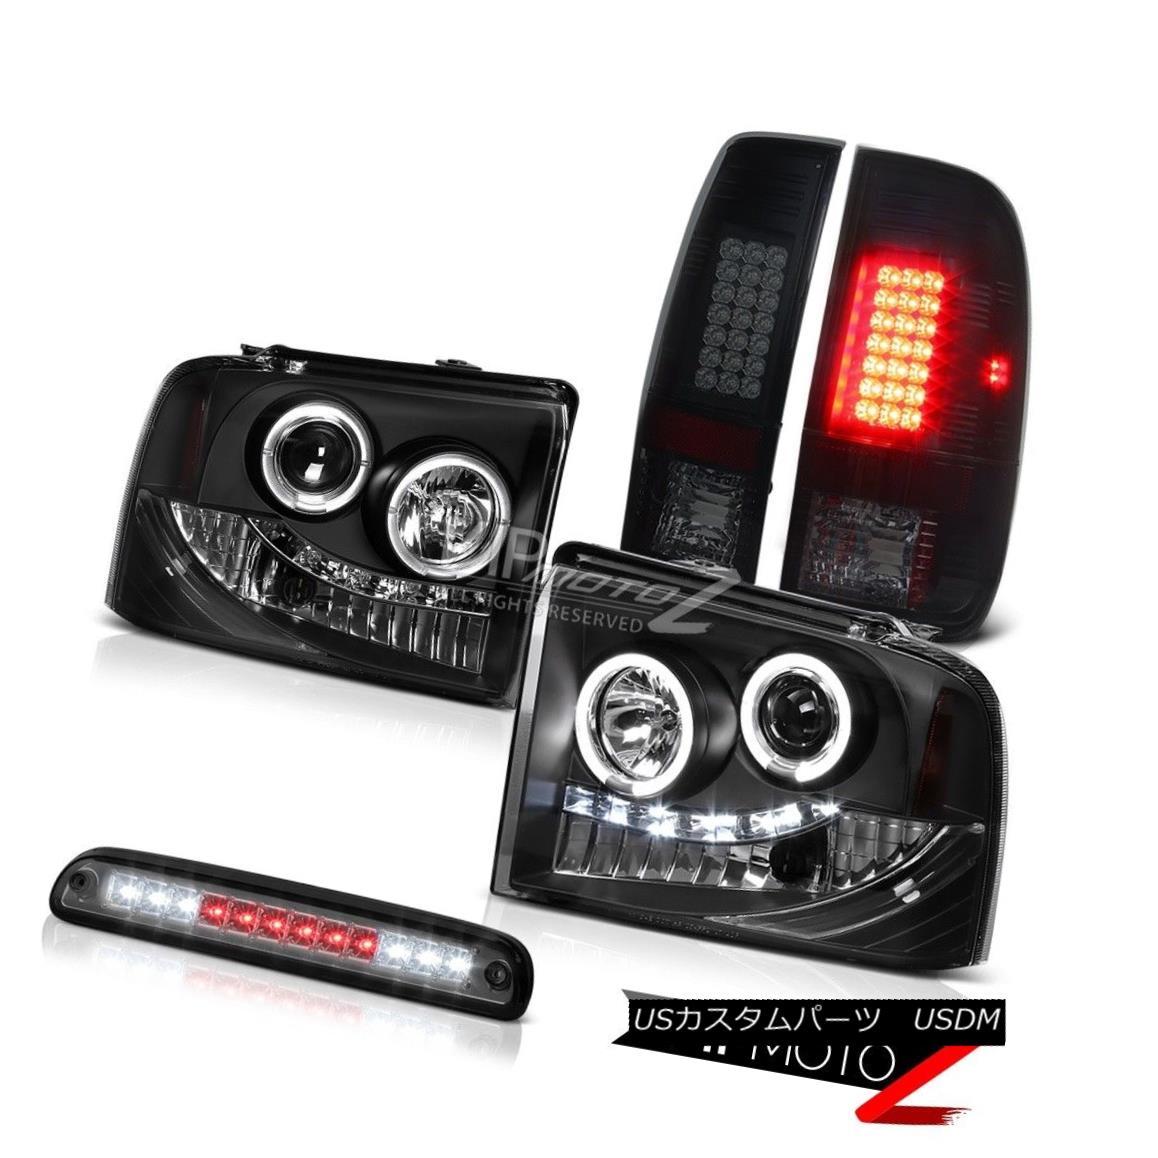 ヘッドライト Black Projector Headlights Smoke Tinted LED Tail Lights Roof Stop 05 06 07 F250 ブラックプロジェクターヘッドライトスモークティント付きLEDテールライトルーフストップ05 06 07 F250